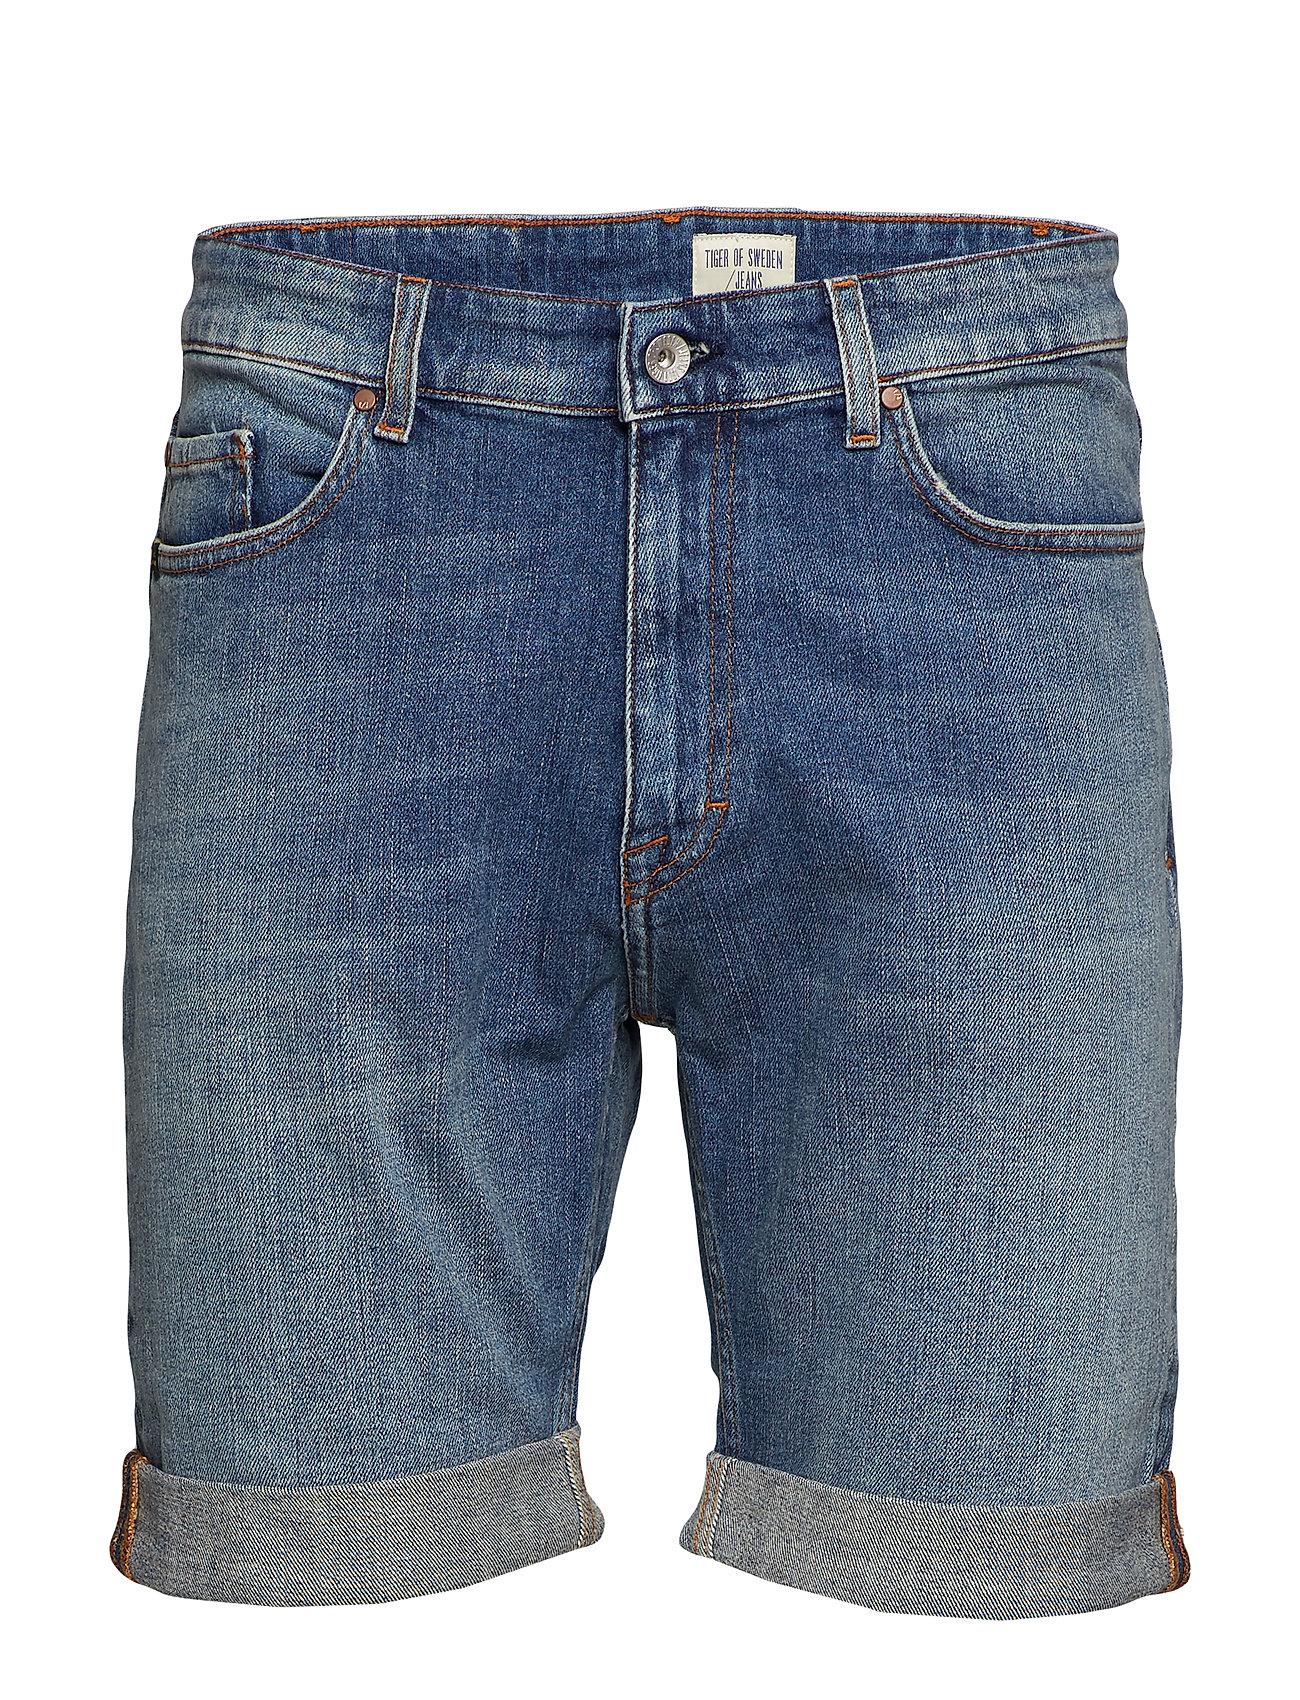 Tiger of Sweden Jeans ASH - DUST BLUE